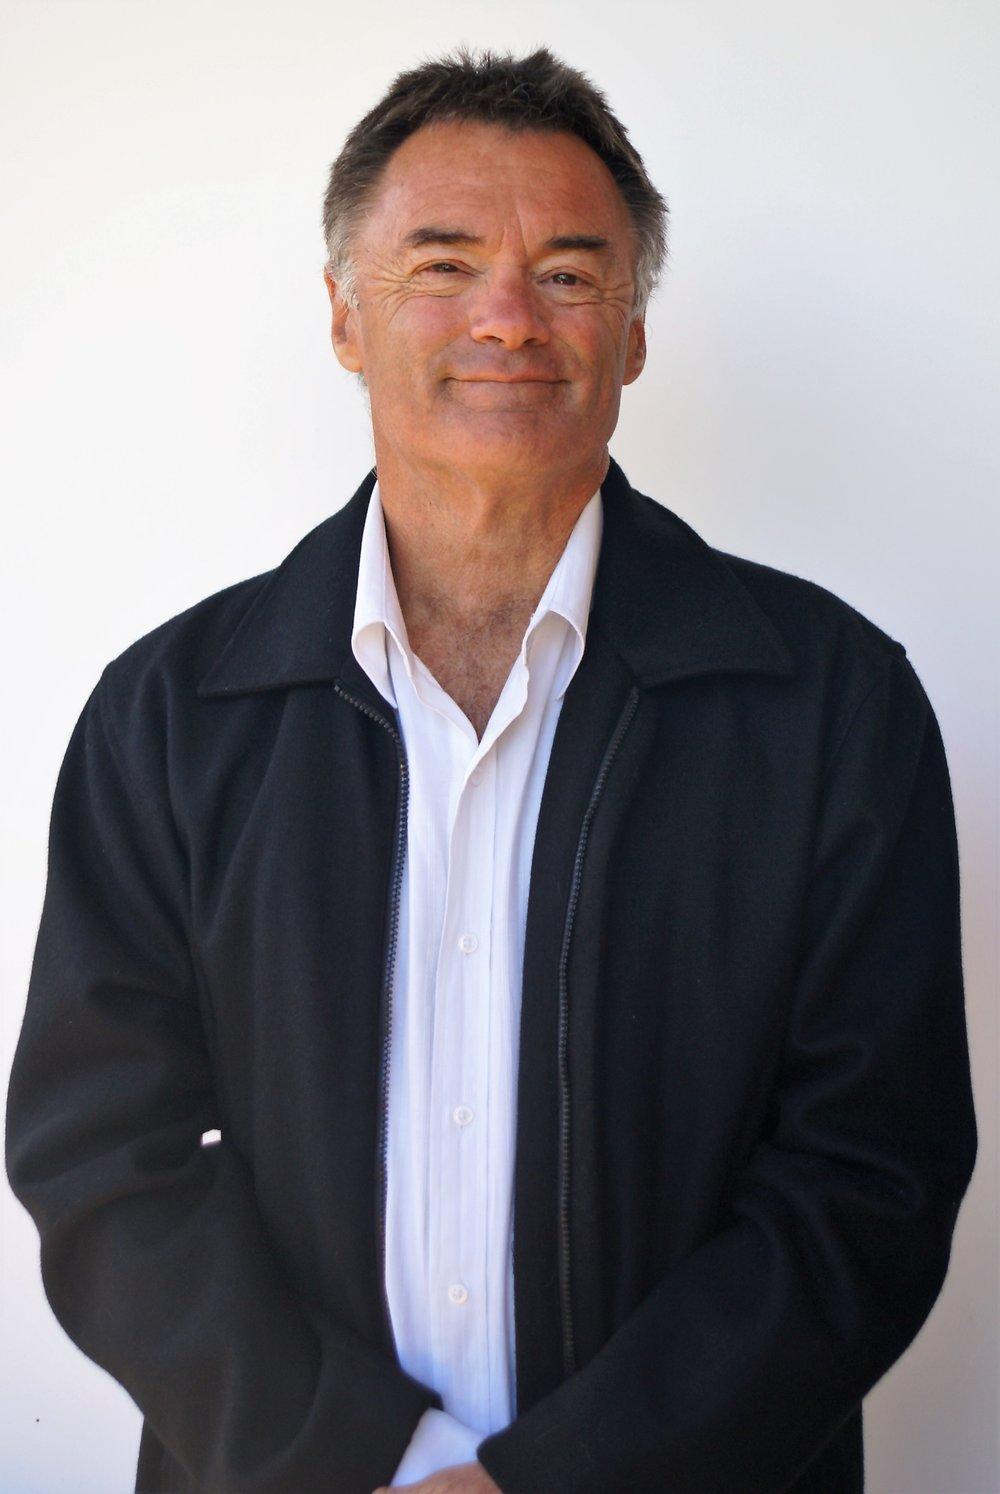 Steve Hart, SBH Enterprises